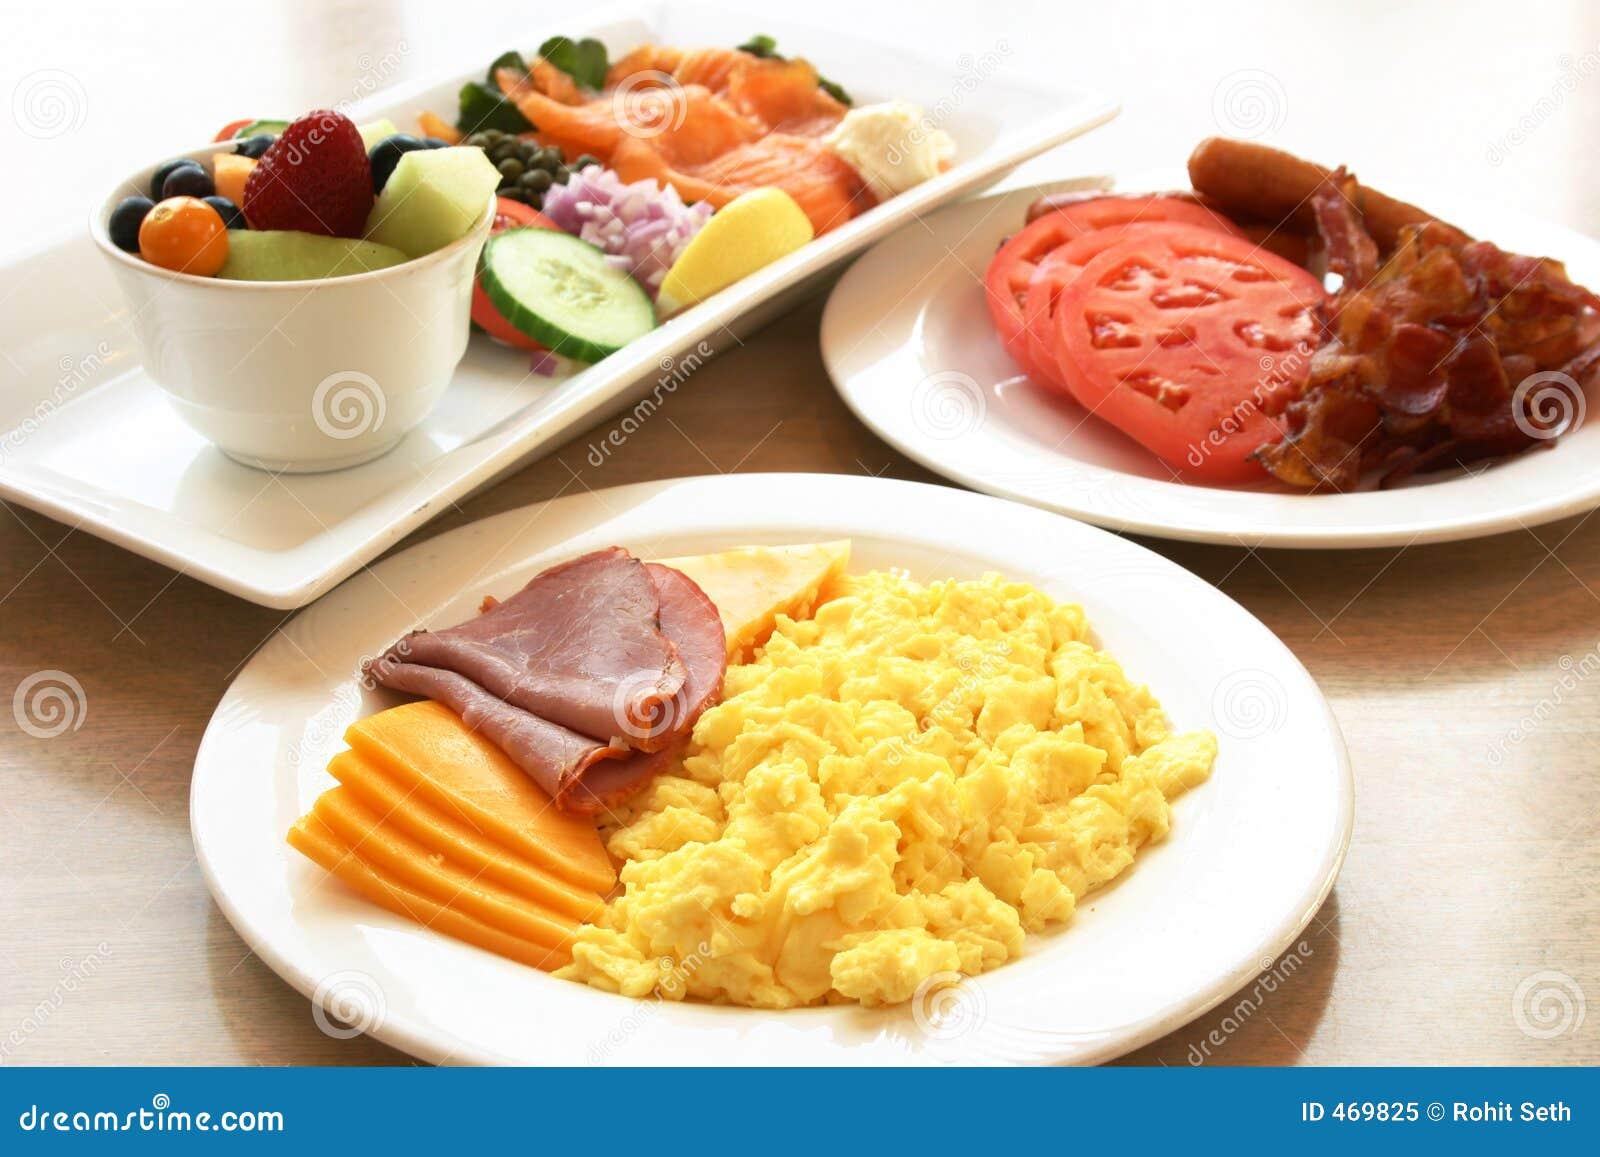 Serie del desayuno - desayuno de la proteína